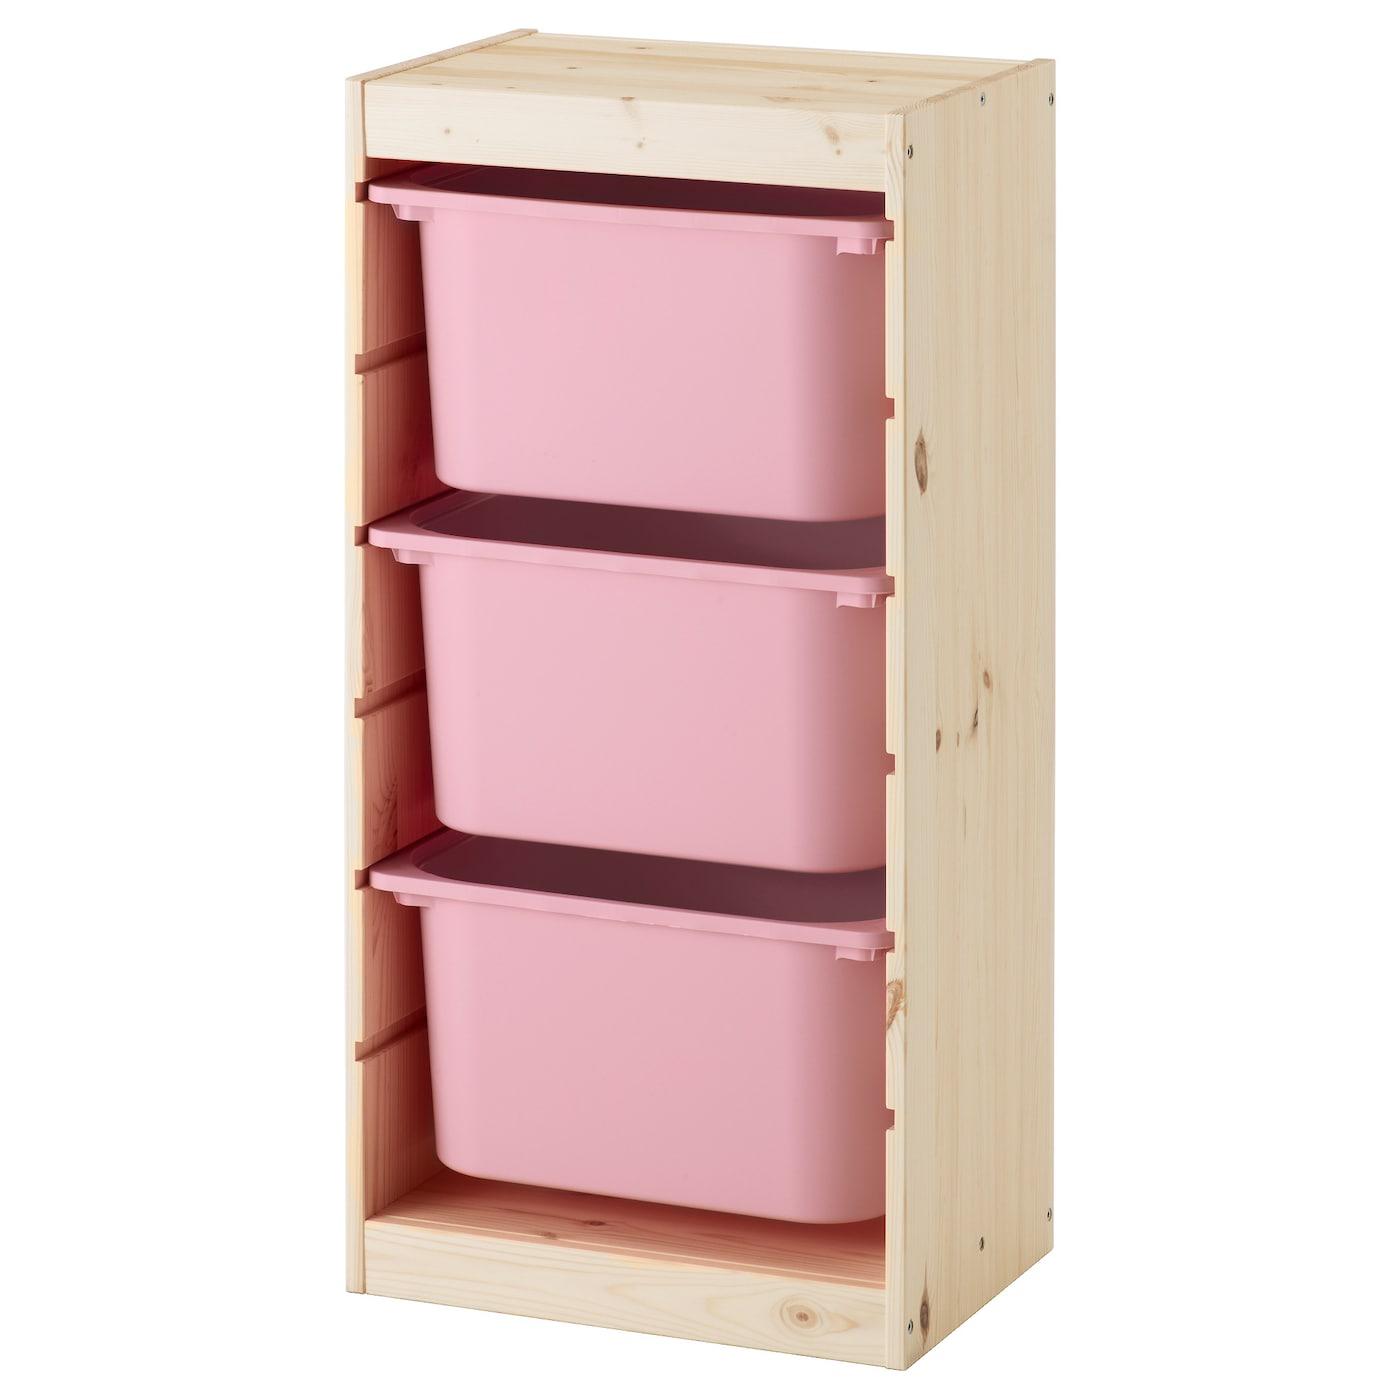 IKEA TROFAST, 46x30x91 cm, jasny, sosnowy regał pokryty białą bejcą z różowymi pojemnikami